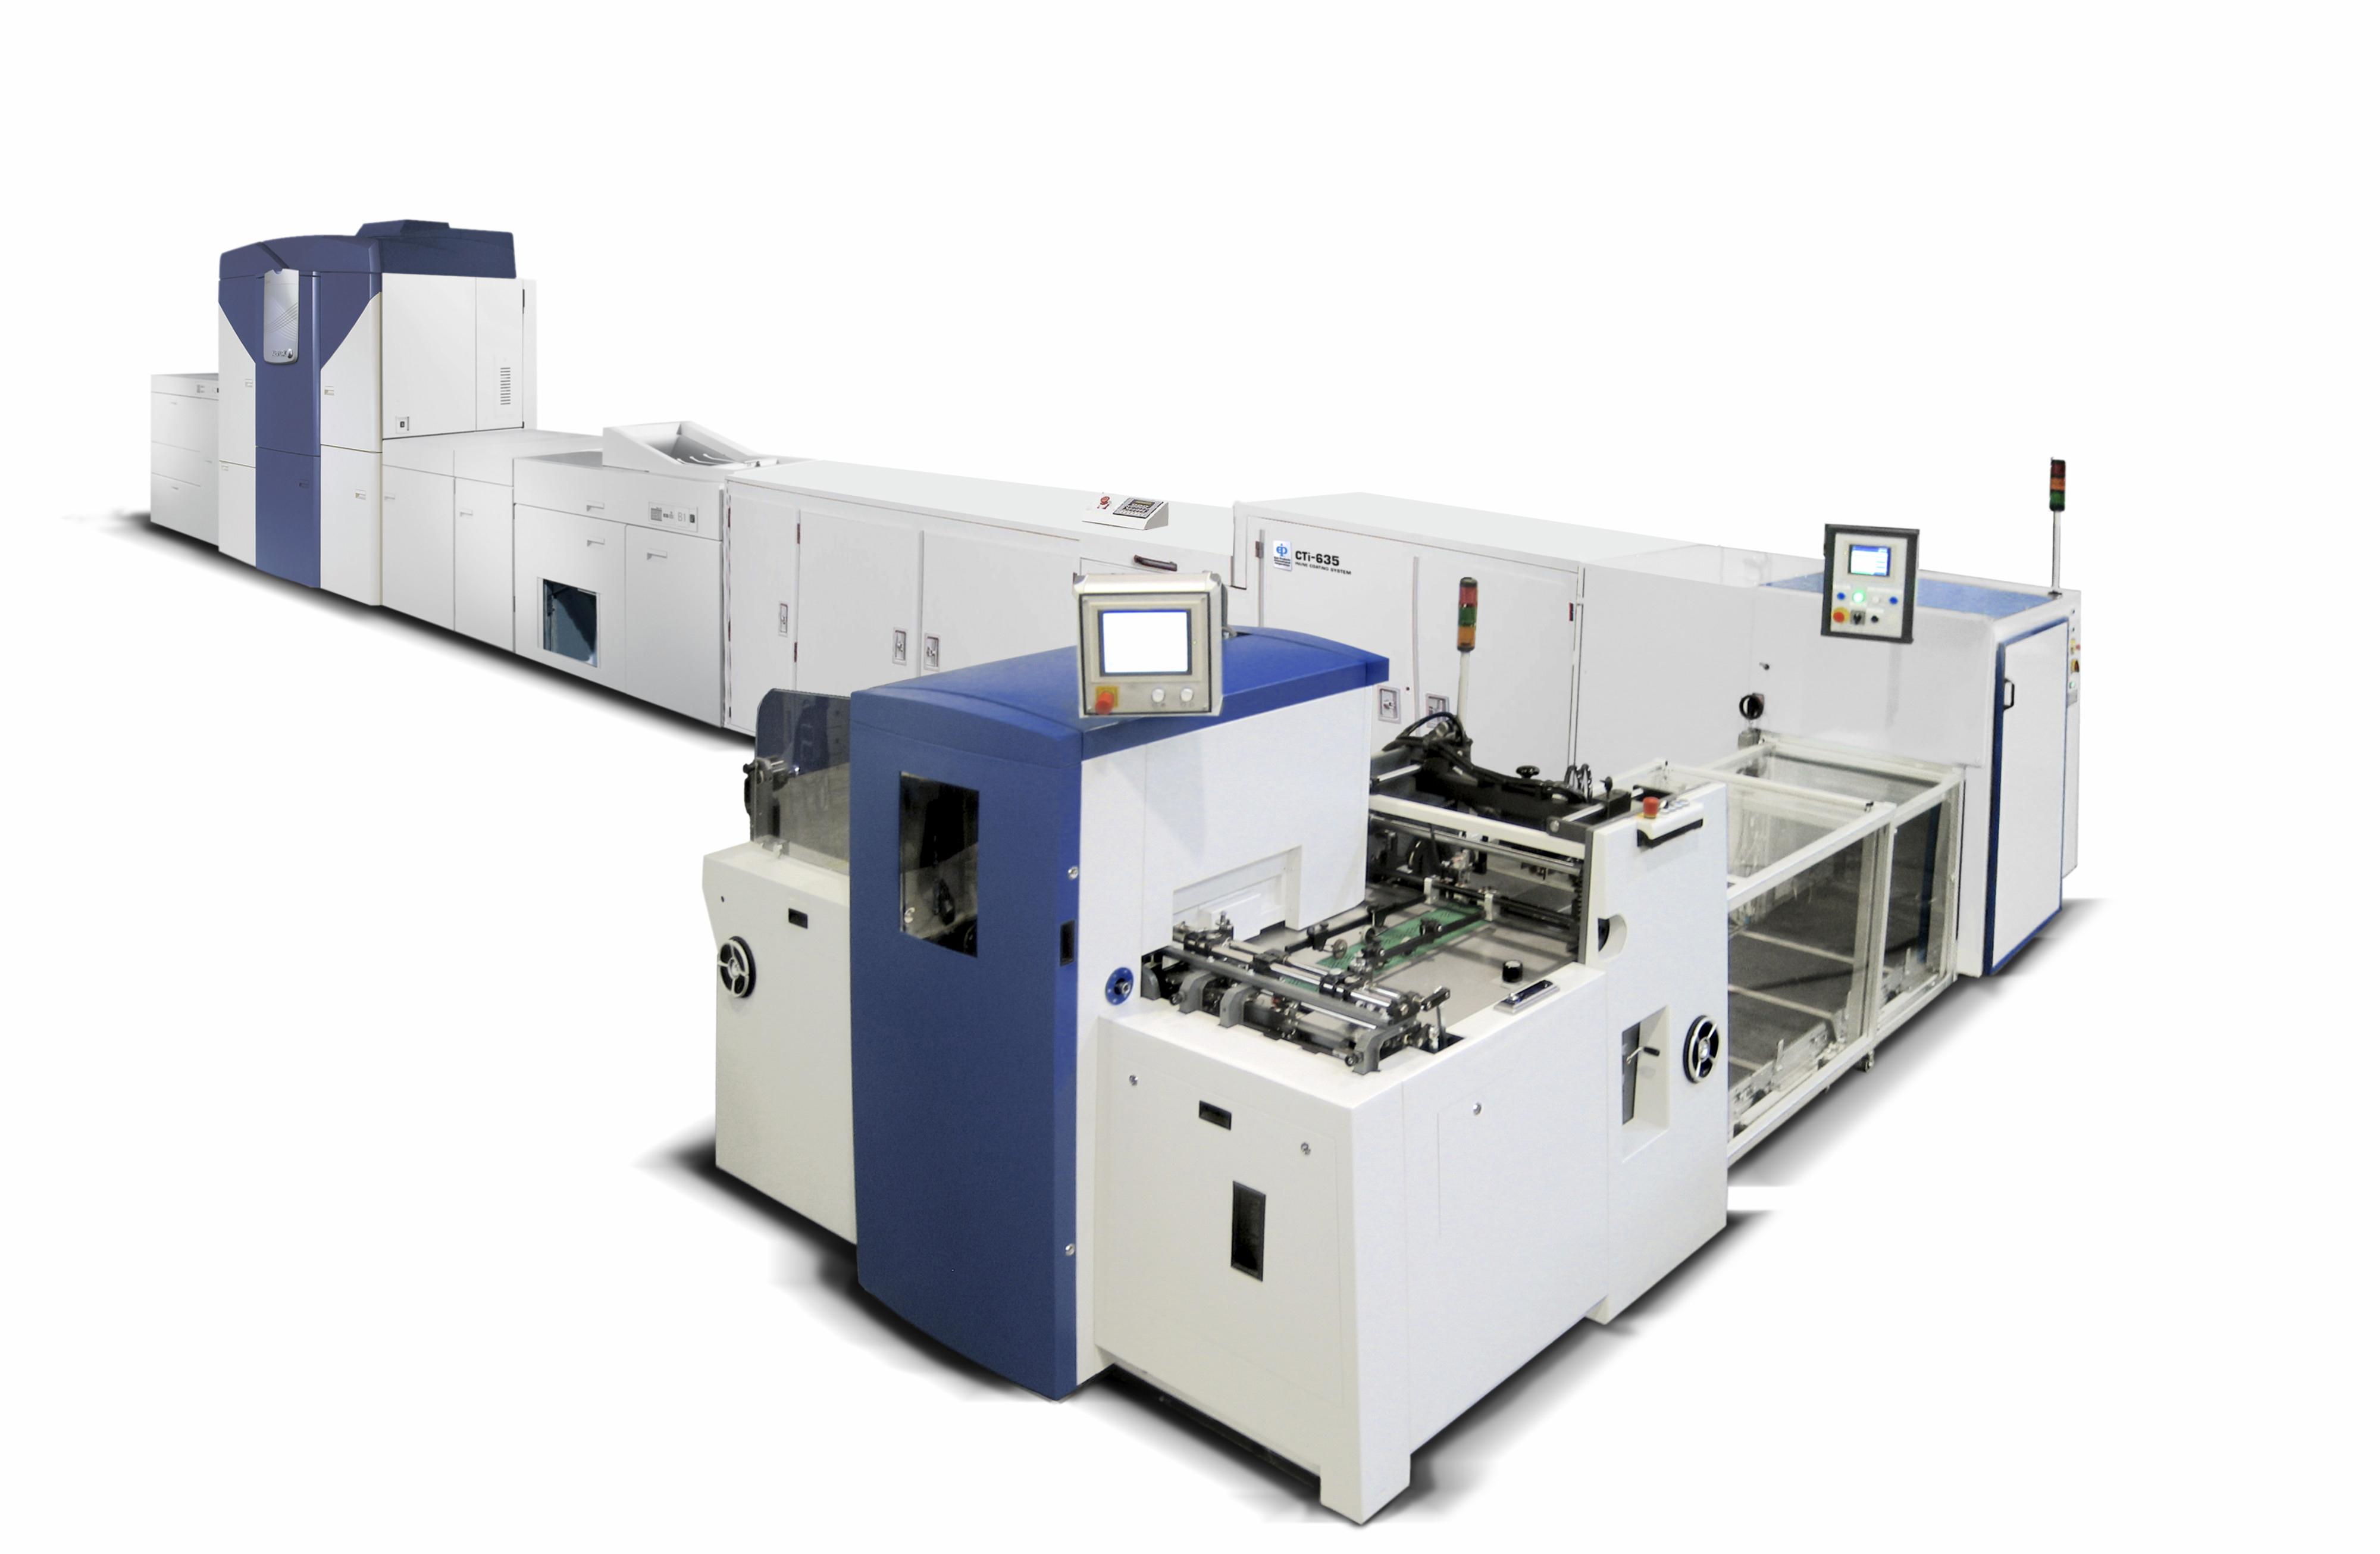 Xerox държи пазара на цветни цифрови производствени системи над 70 стр./мин. в България за 2014 г.